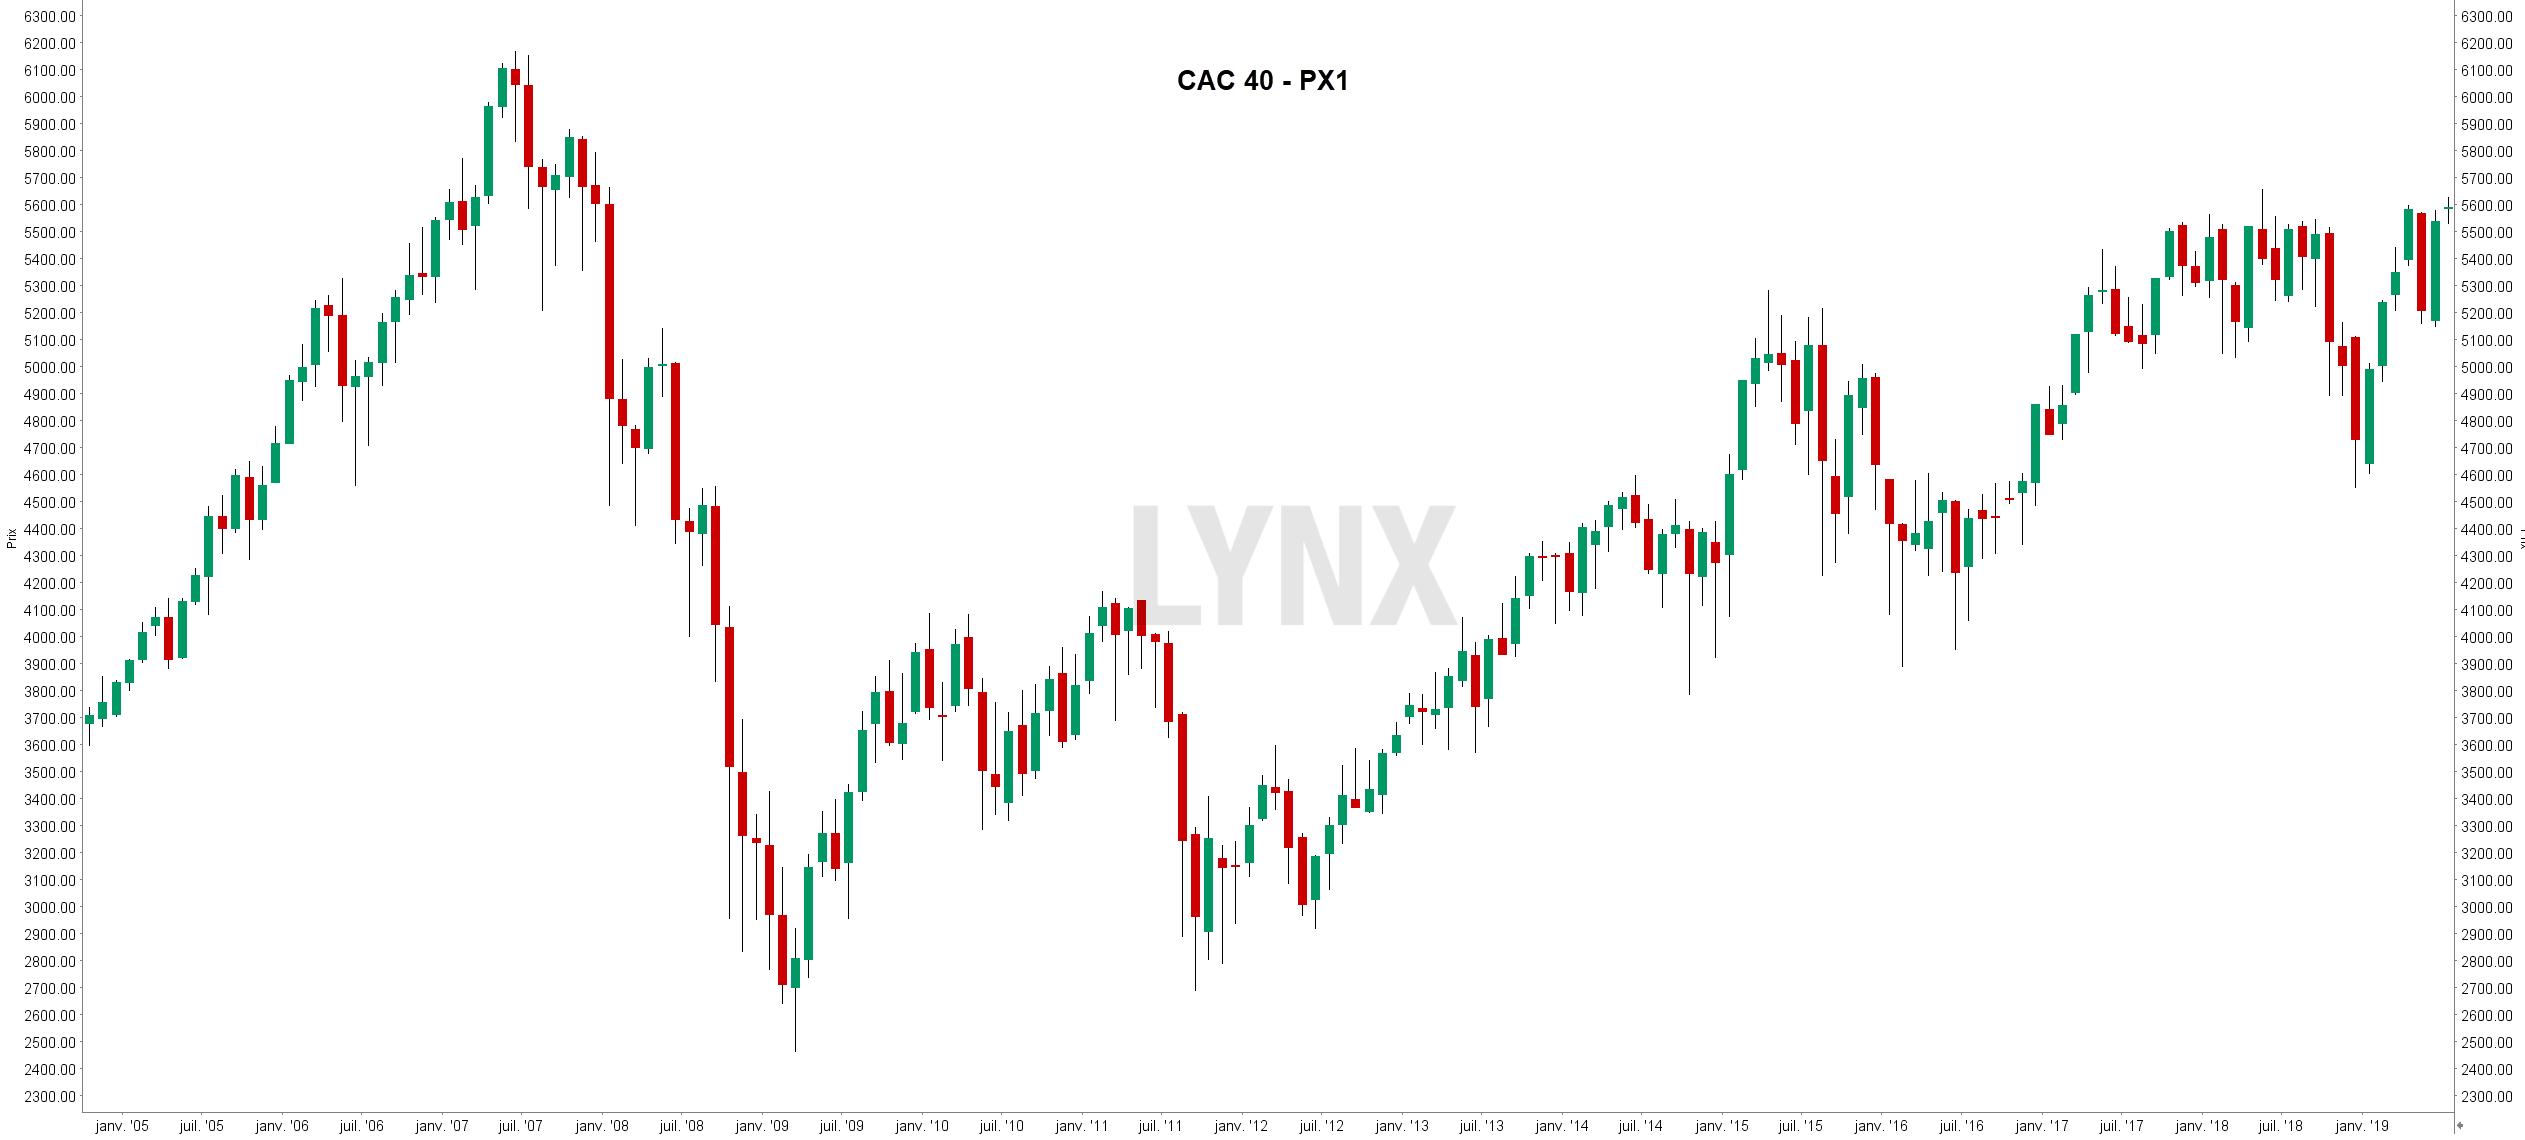 La bourse de paris cotations de a à z - graphique cac 40 trading